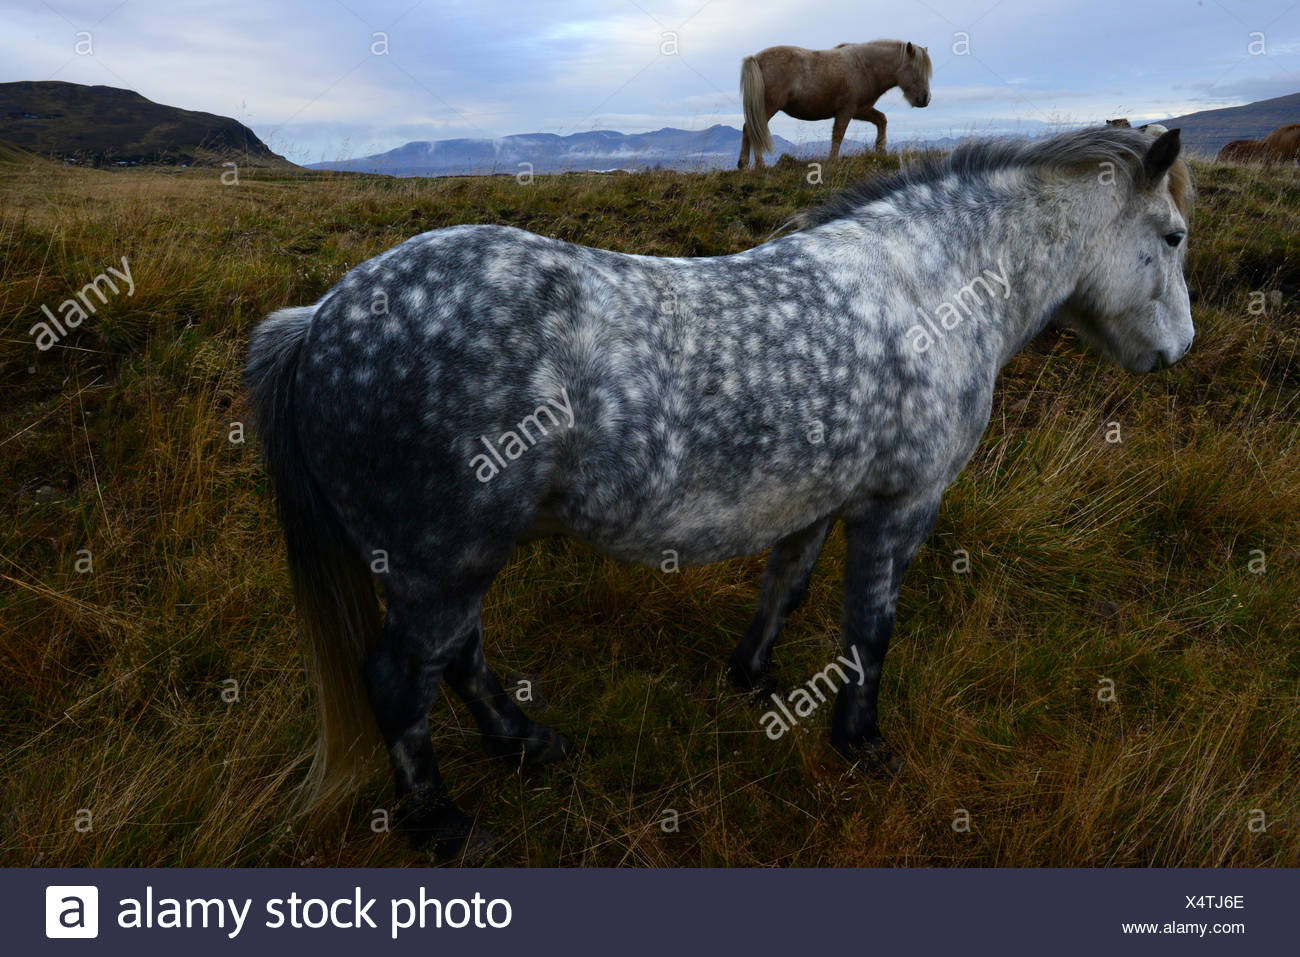 Two Icelandic Horses, Equus Ferus Caballus, on grassy field. - Stock Image